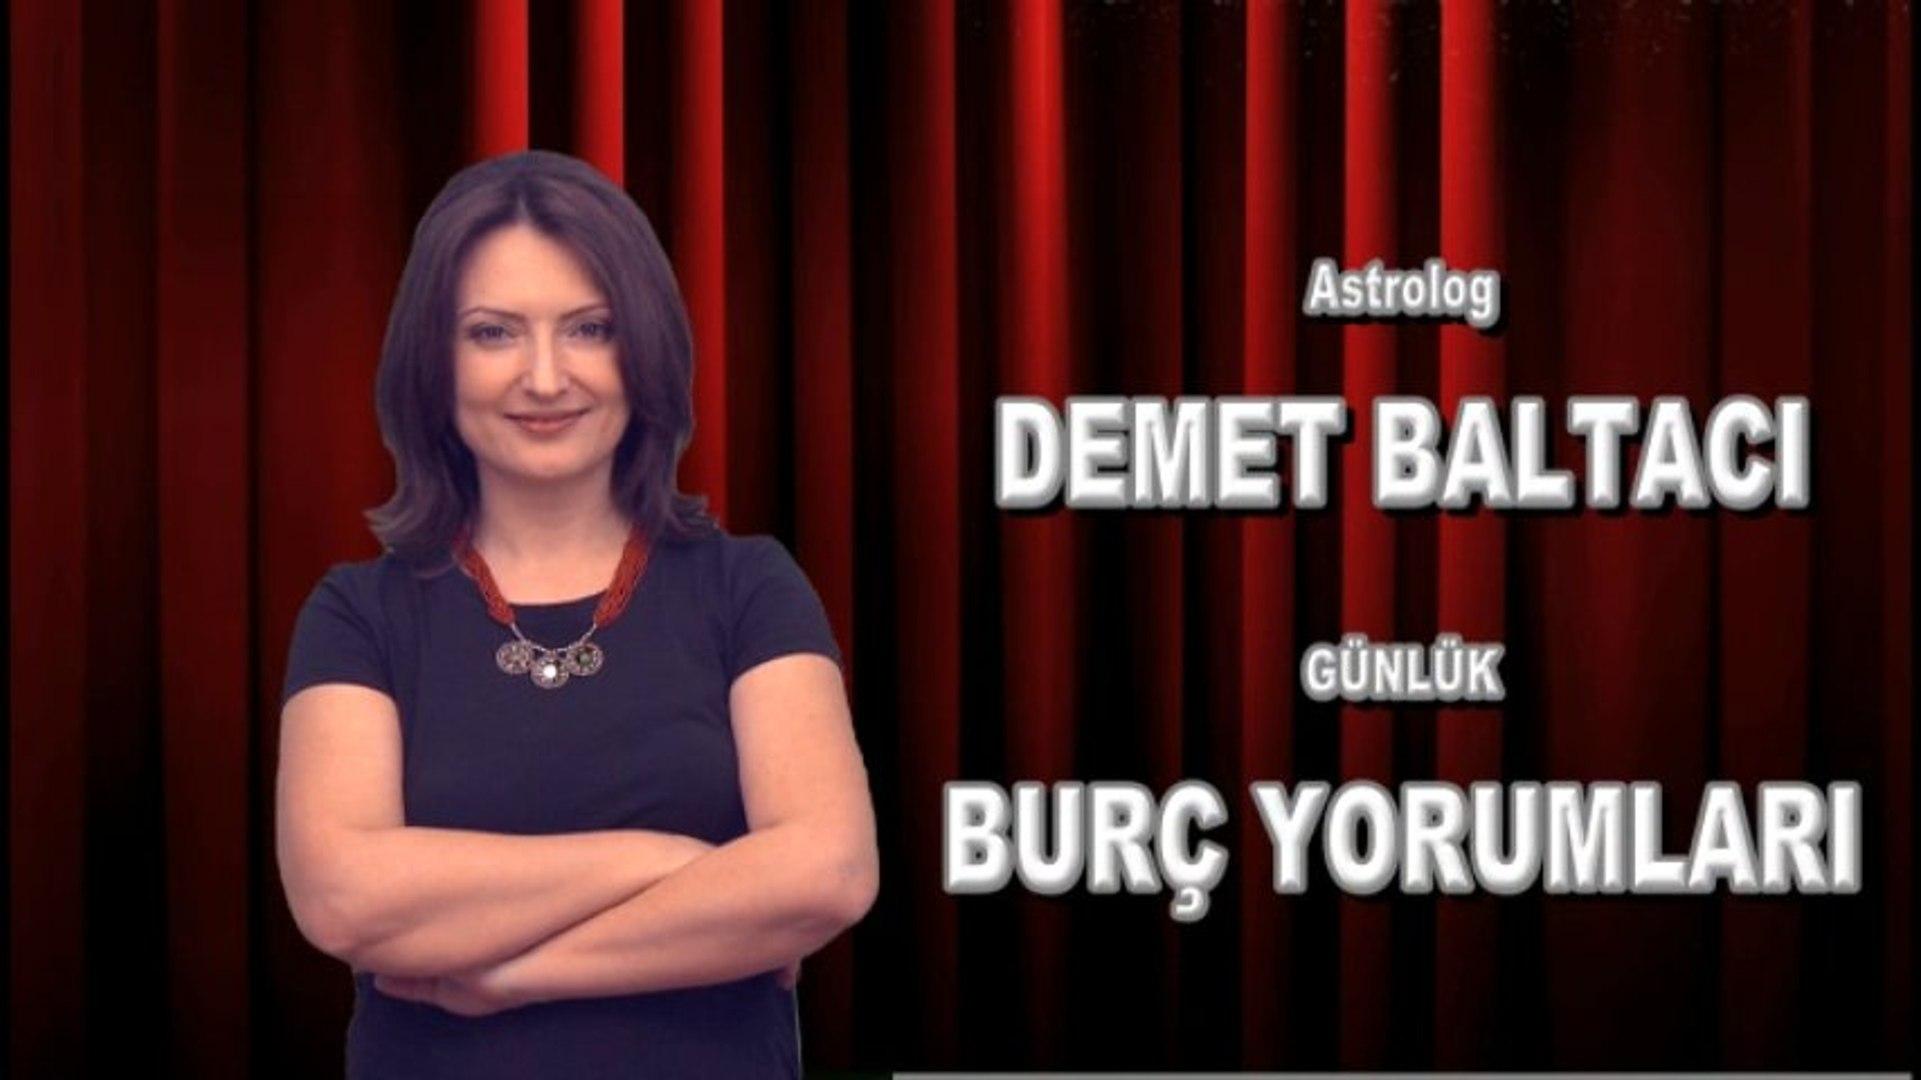 BOĞA Burç Yorumu 27 Temmuz 2013  - Astrolog Oğuzhan Ceyhan ve Astrolog Demet Baltacı - BilincOkulu.c